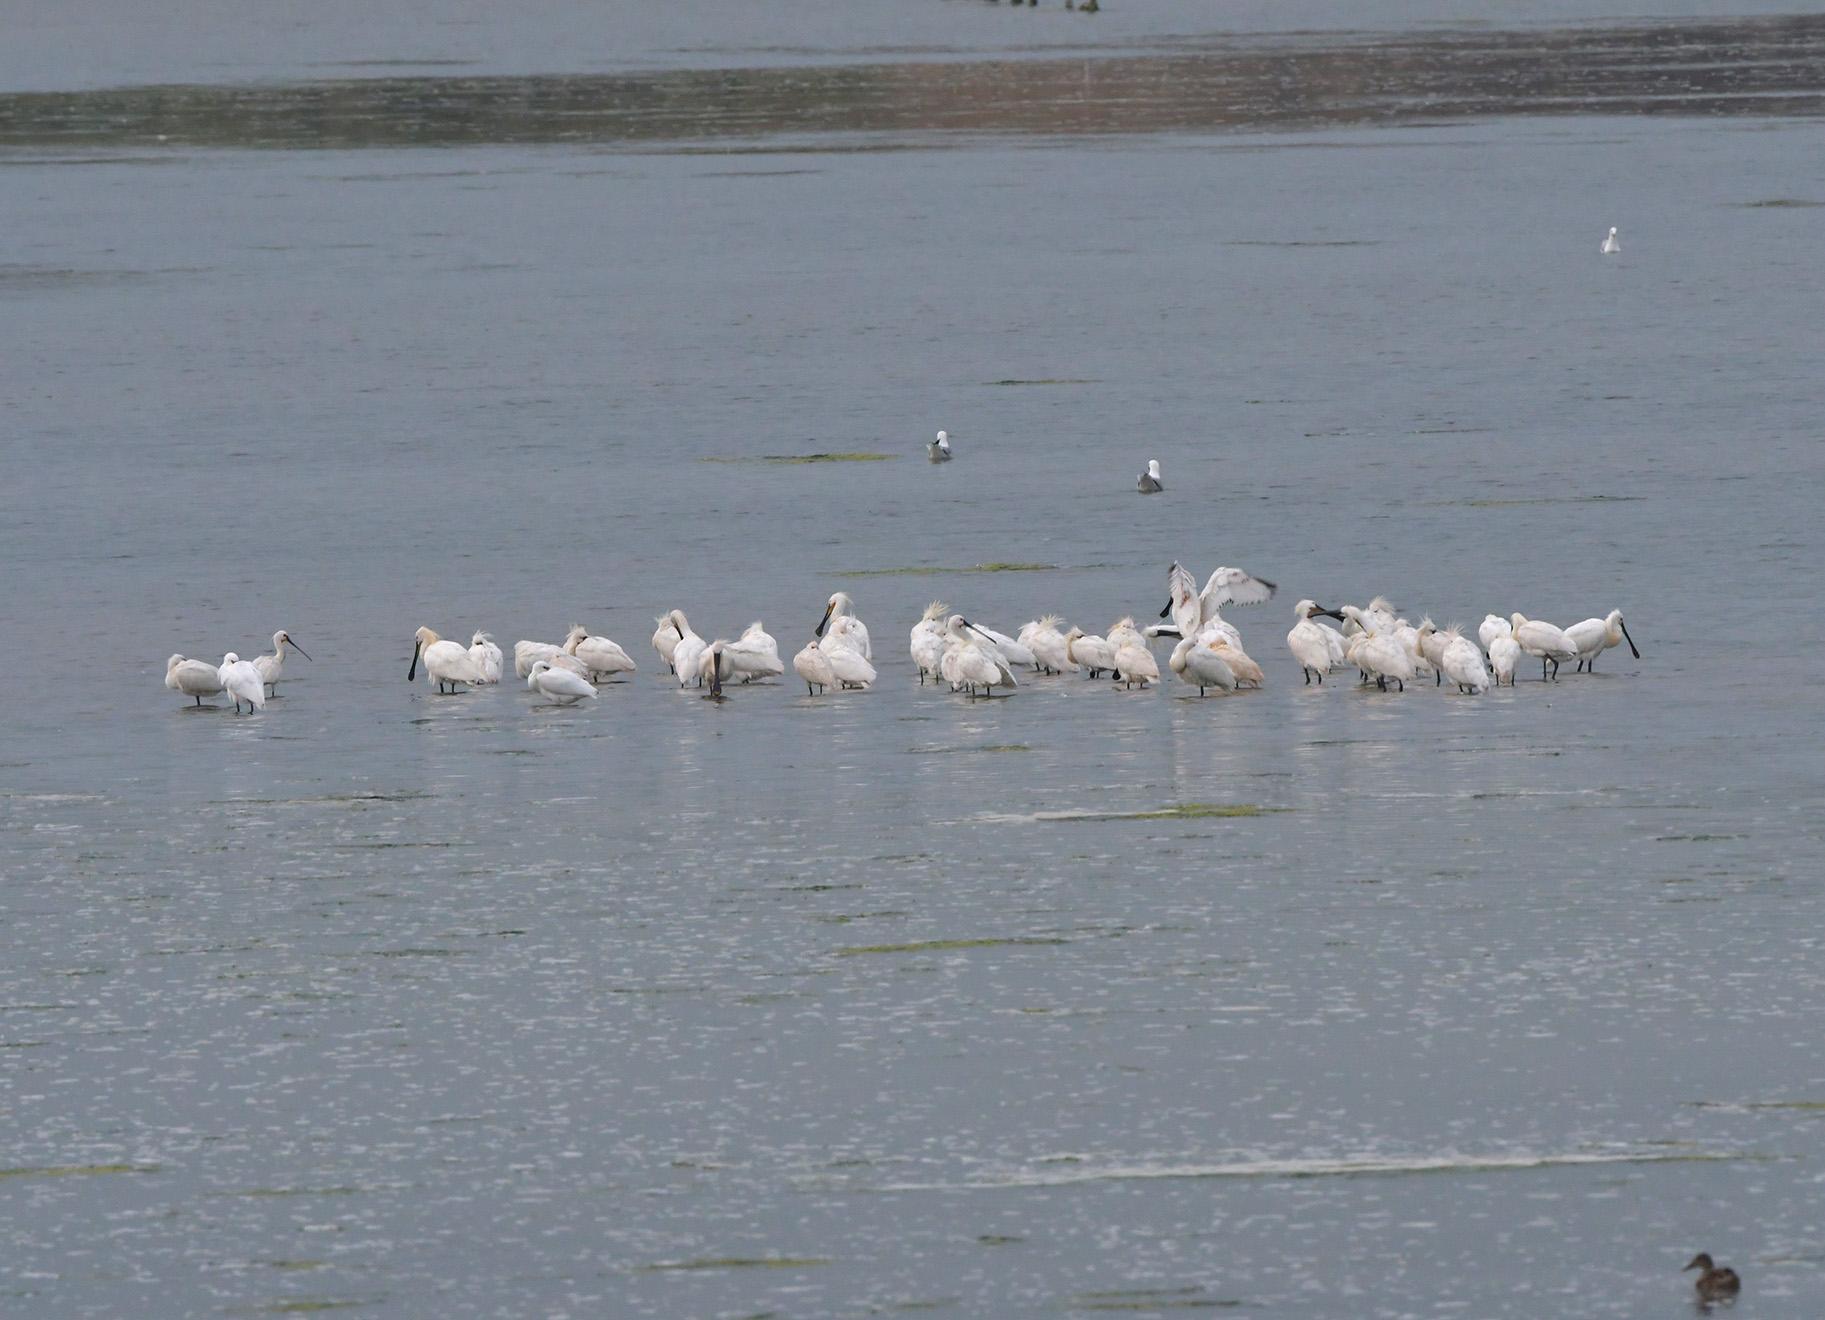 Het zag opeens wit van de Lepelaars voor ons in de Mokbaai - Foto: ©Louis Fraanje